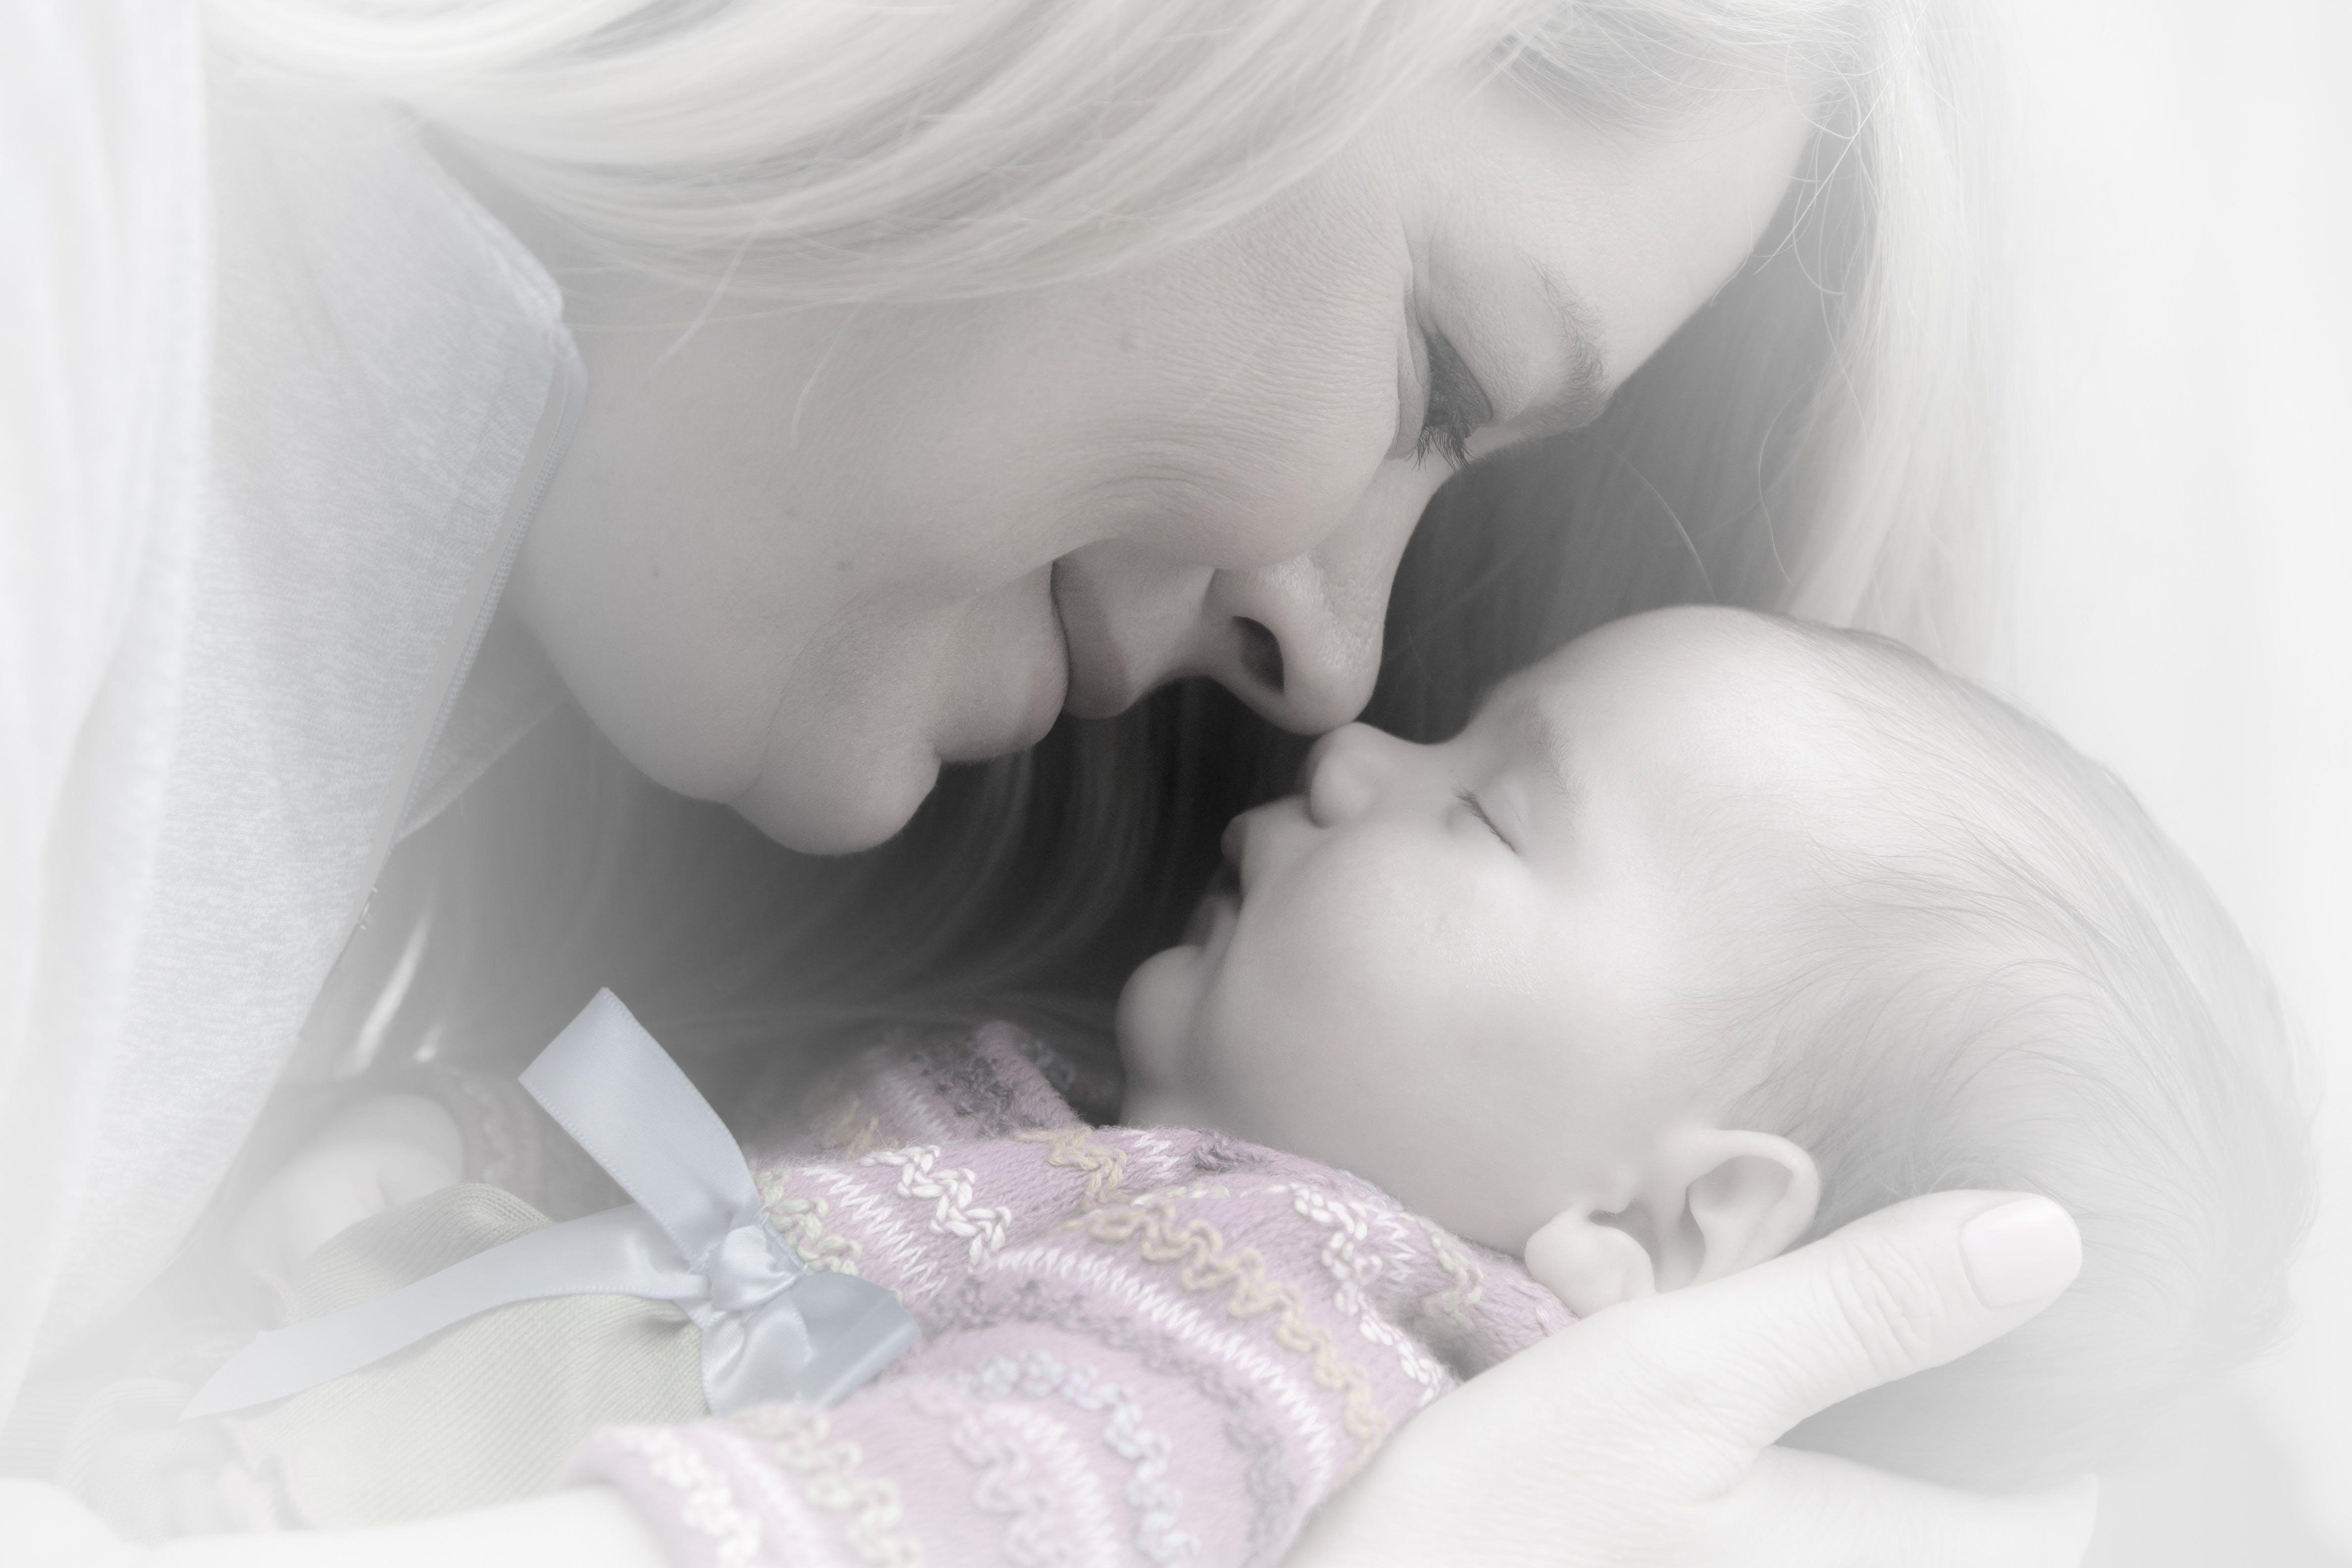 Mutter und Kind - Quelle: Pexels